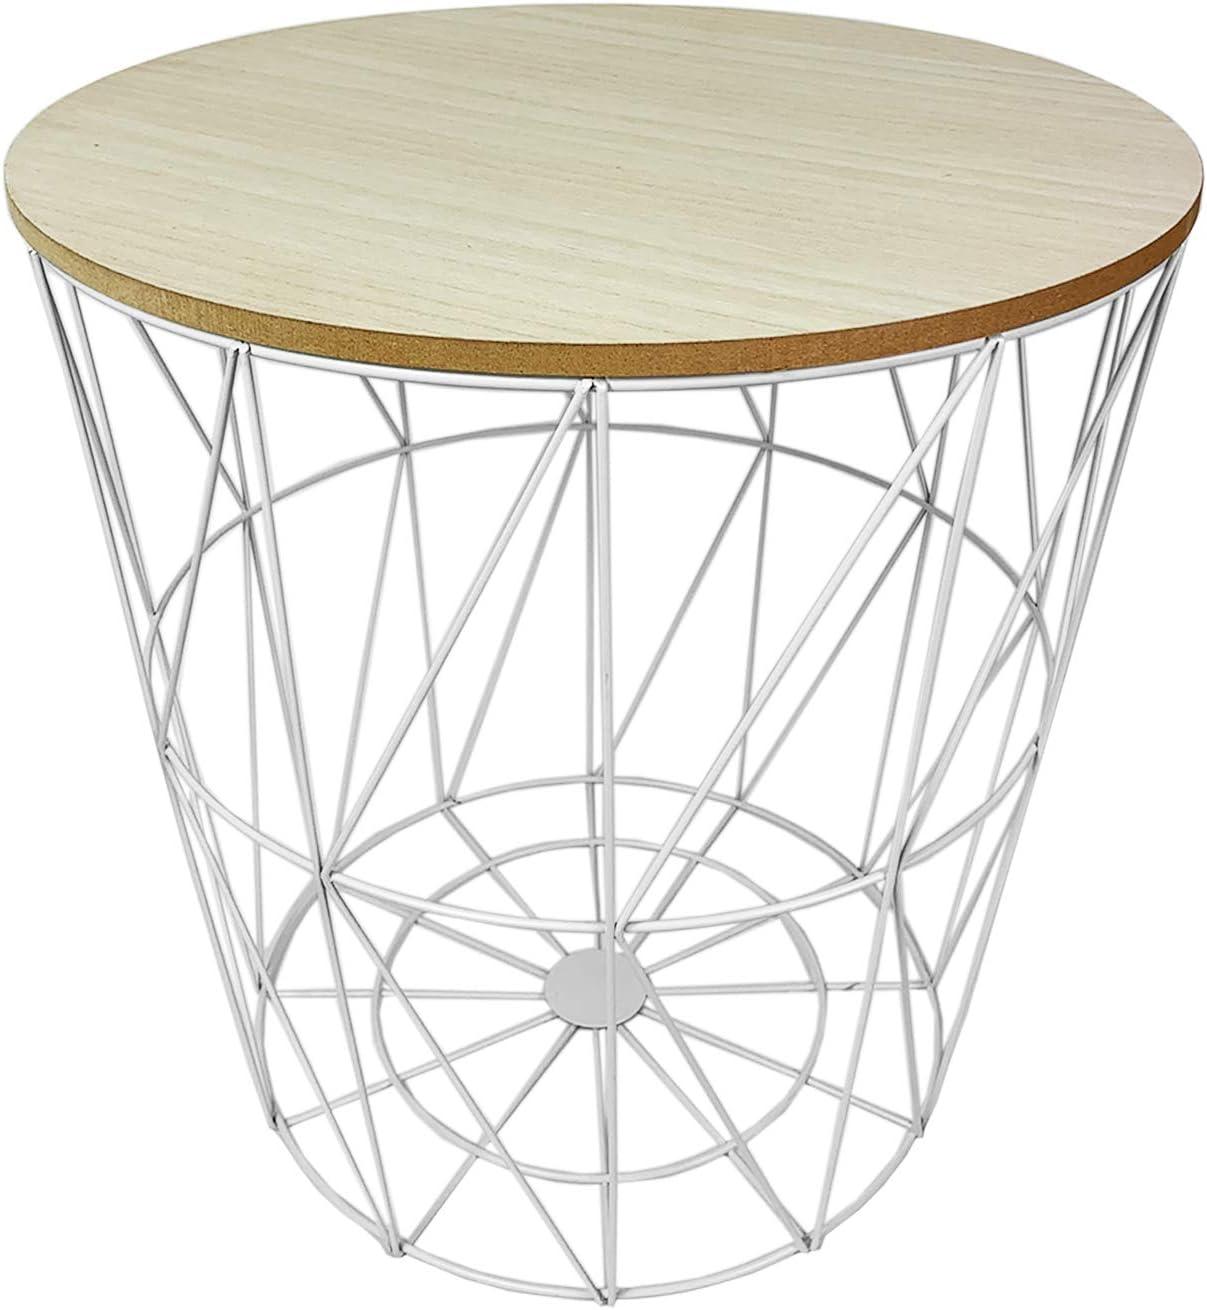 Beistelltisch Couchtisch Tisch  Sofatisch Ablagetisch Holztisch Metallkorb H160